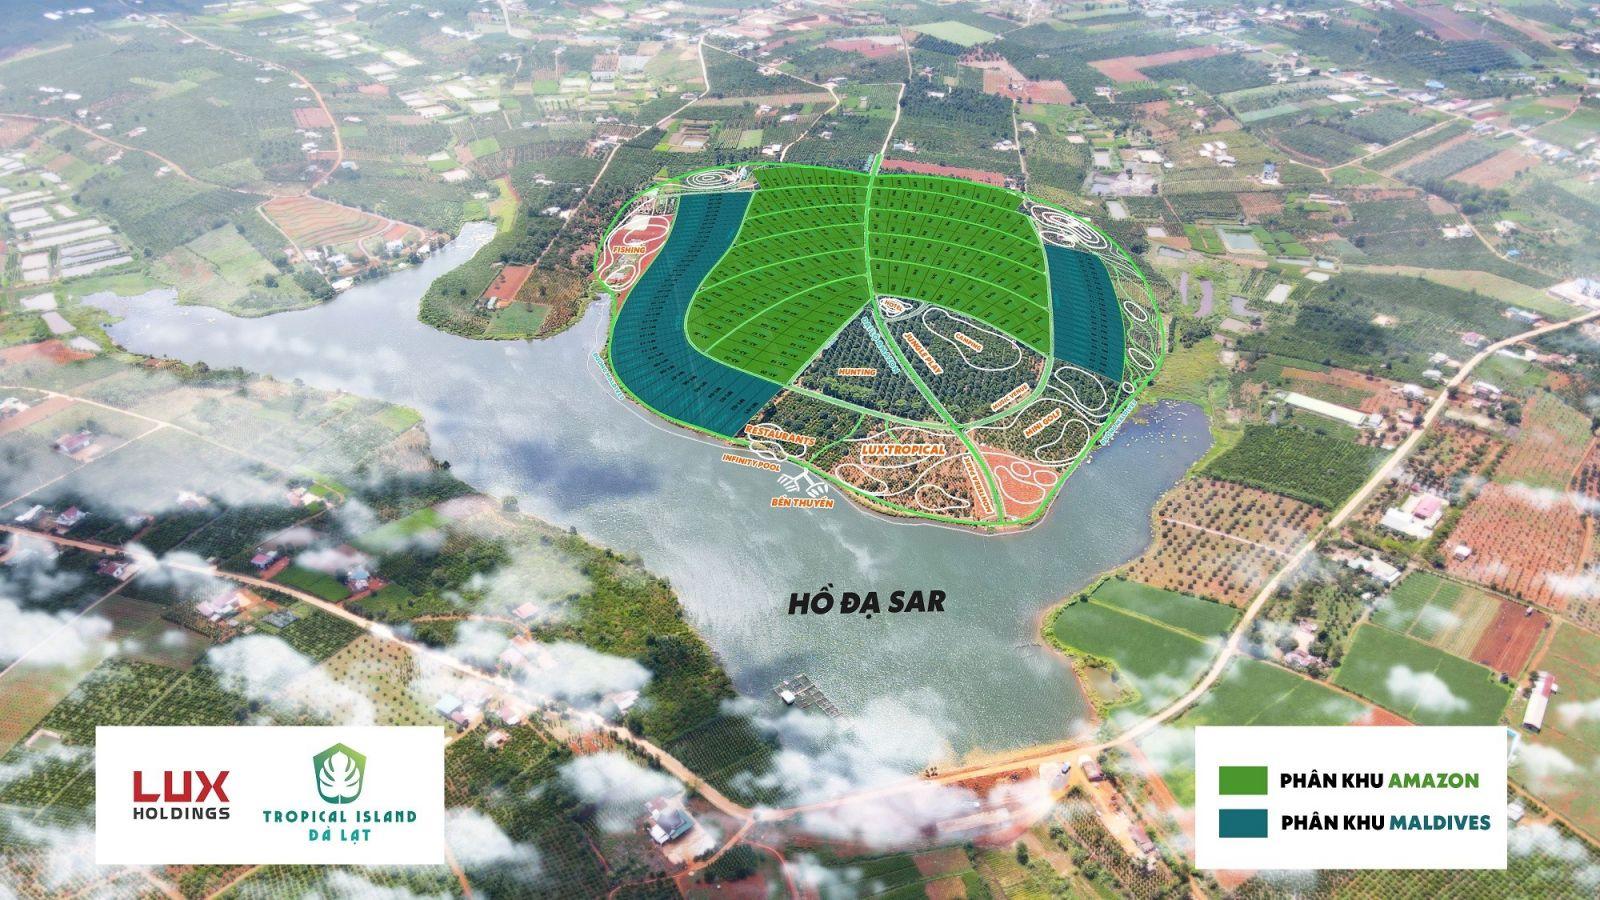 Lux Holdings ra mắt siêu dự án Tropical Island Da Lat